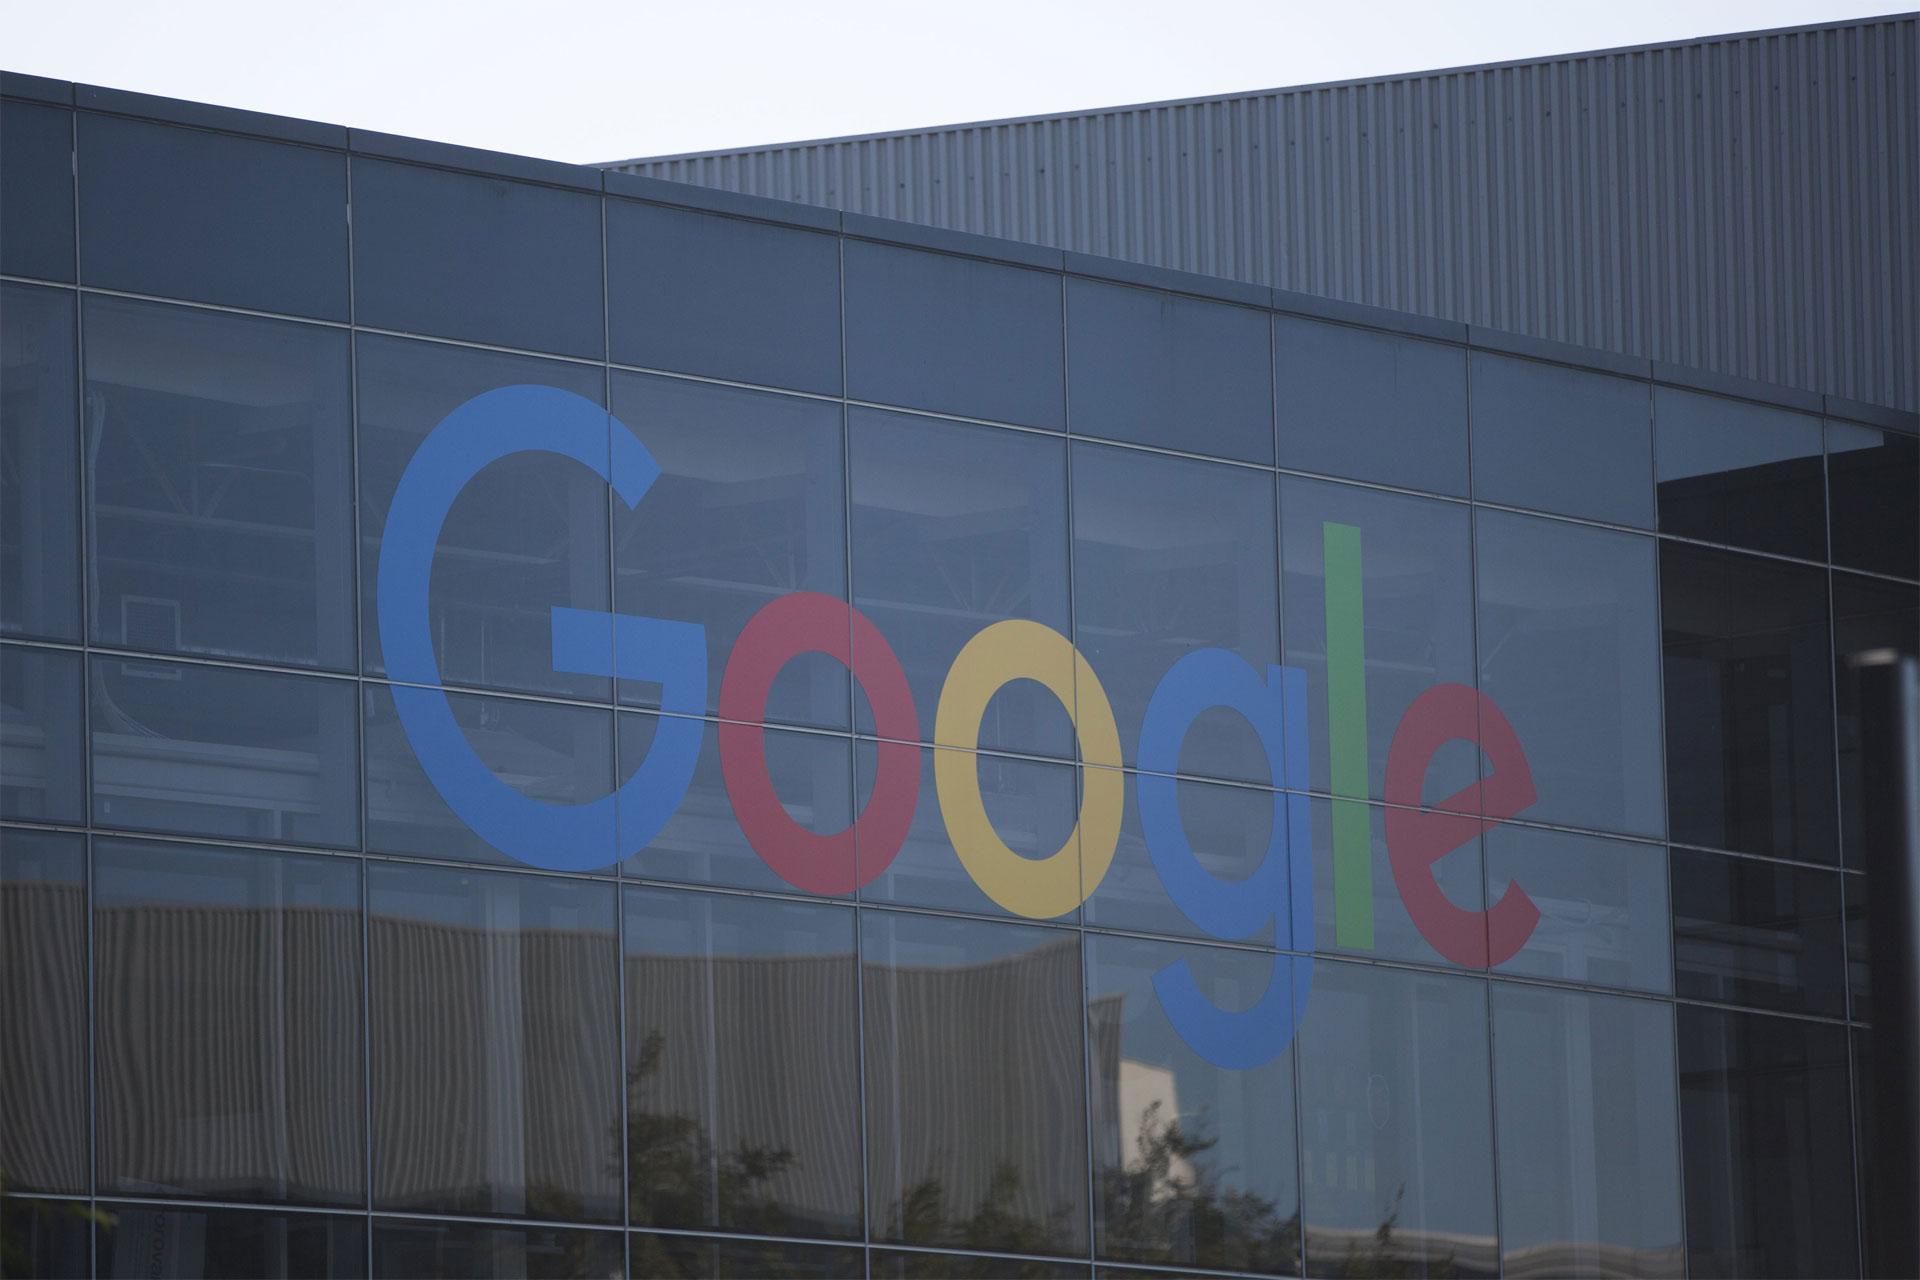 Hace 10 años, el gigante de Internet abrió una pequeña oficina en ese país. Ahora cuenta con más de 240 trabajadores